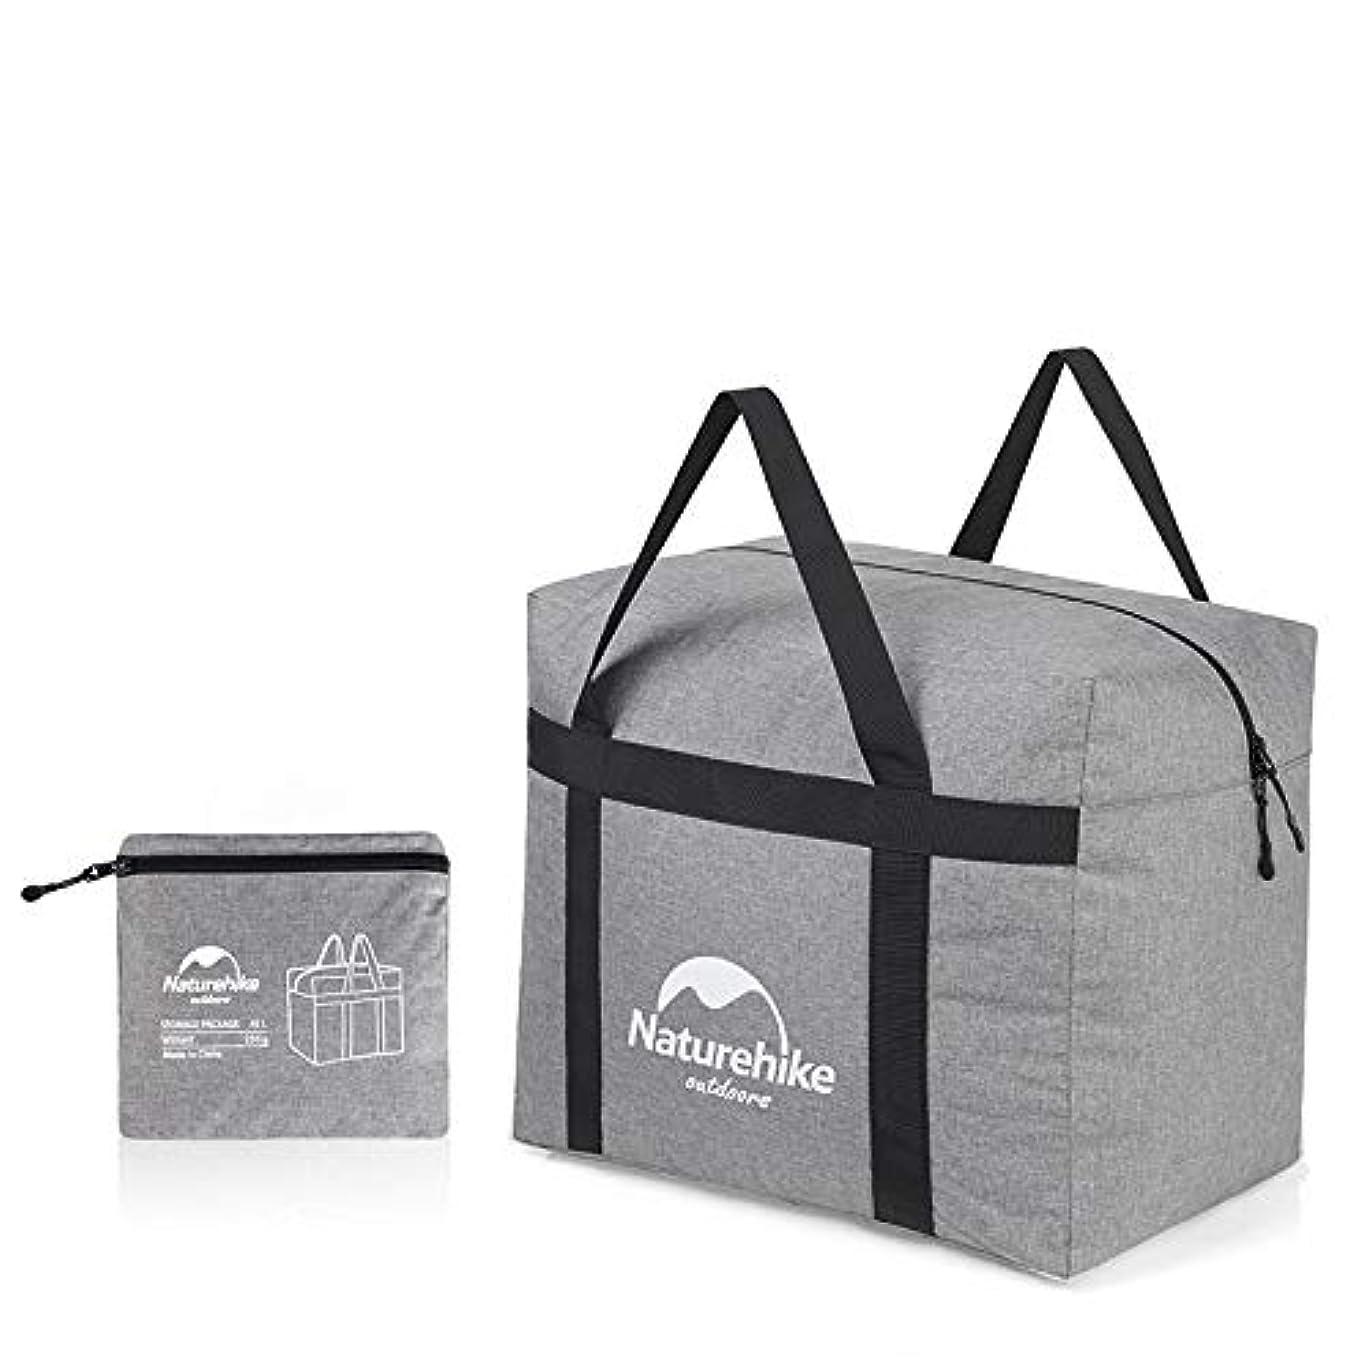 安全性バンドル誤ってNatureHike 45L大型収納トートバッグ衣服収納 バッグ旅行ポーチ圧縮袋